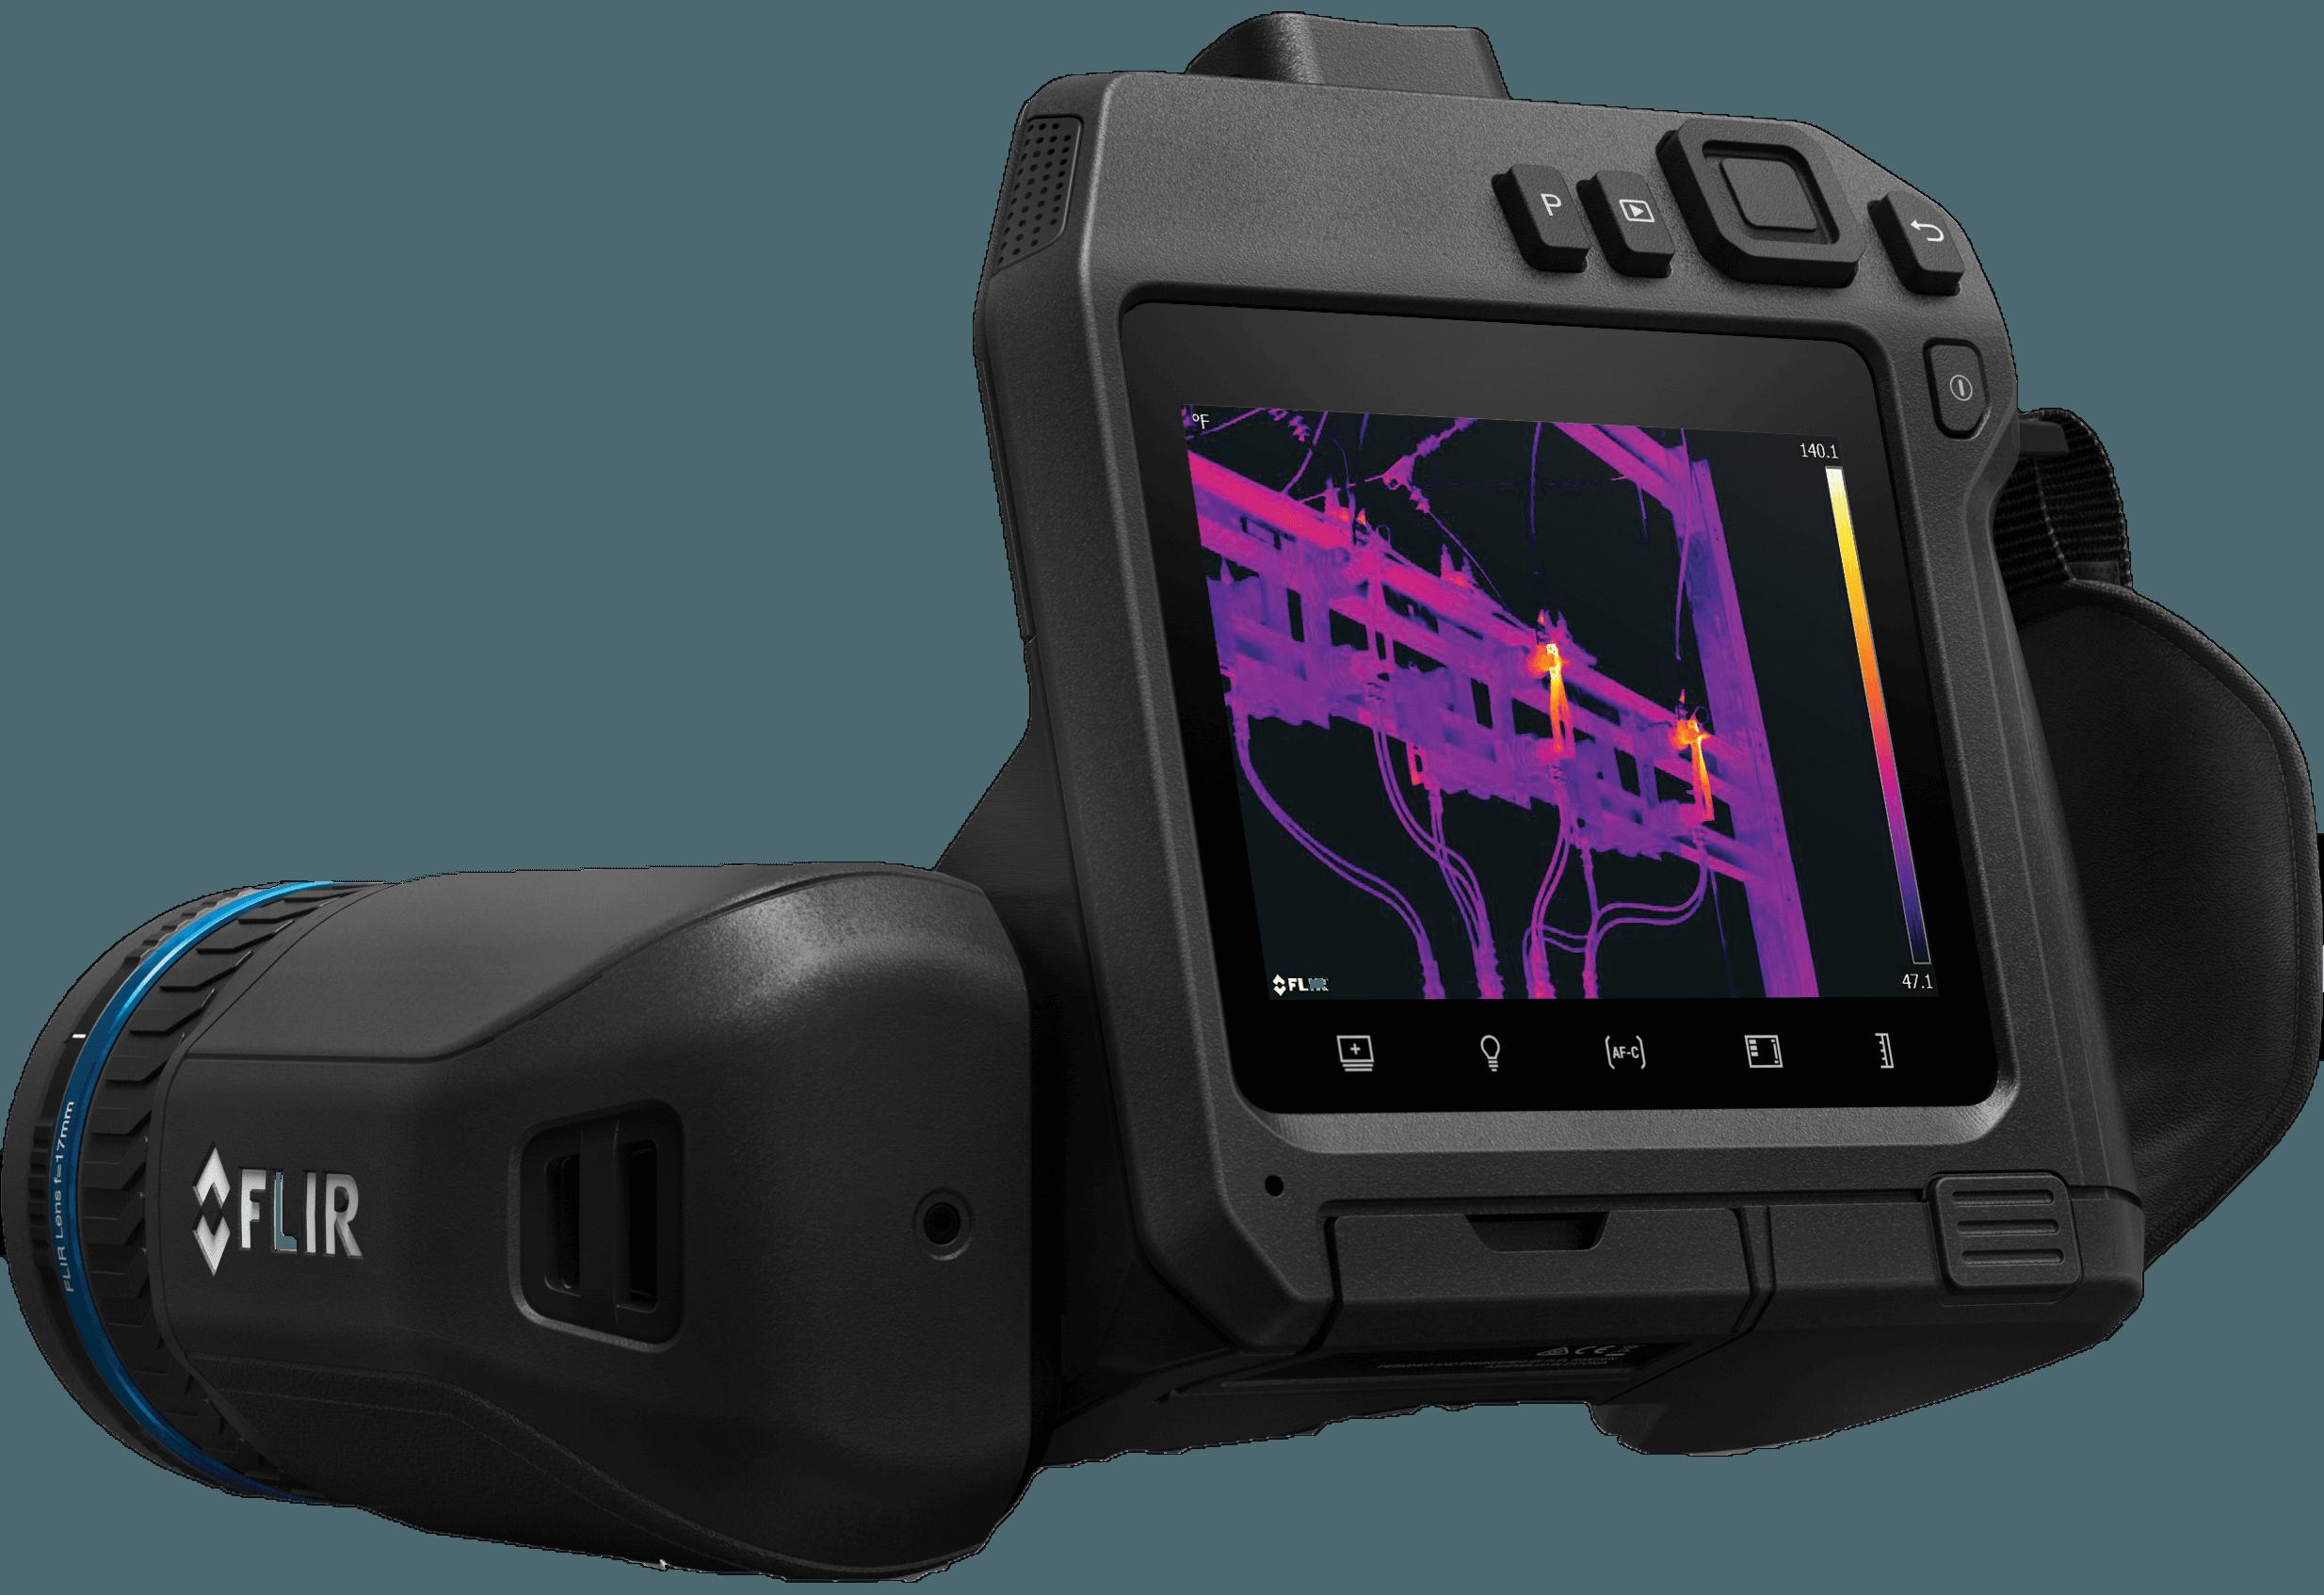 FLIR T840 kamera termowizyjna dla profesjonalistów